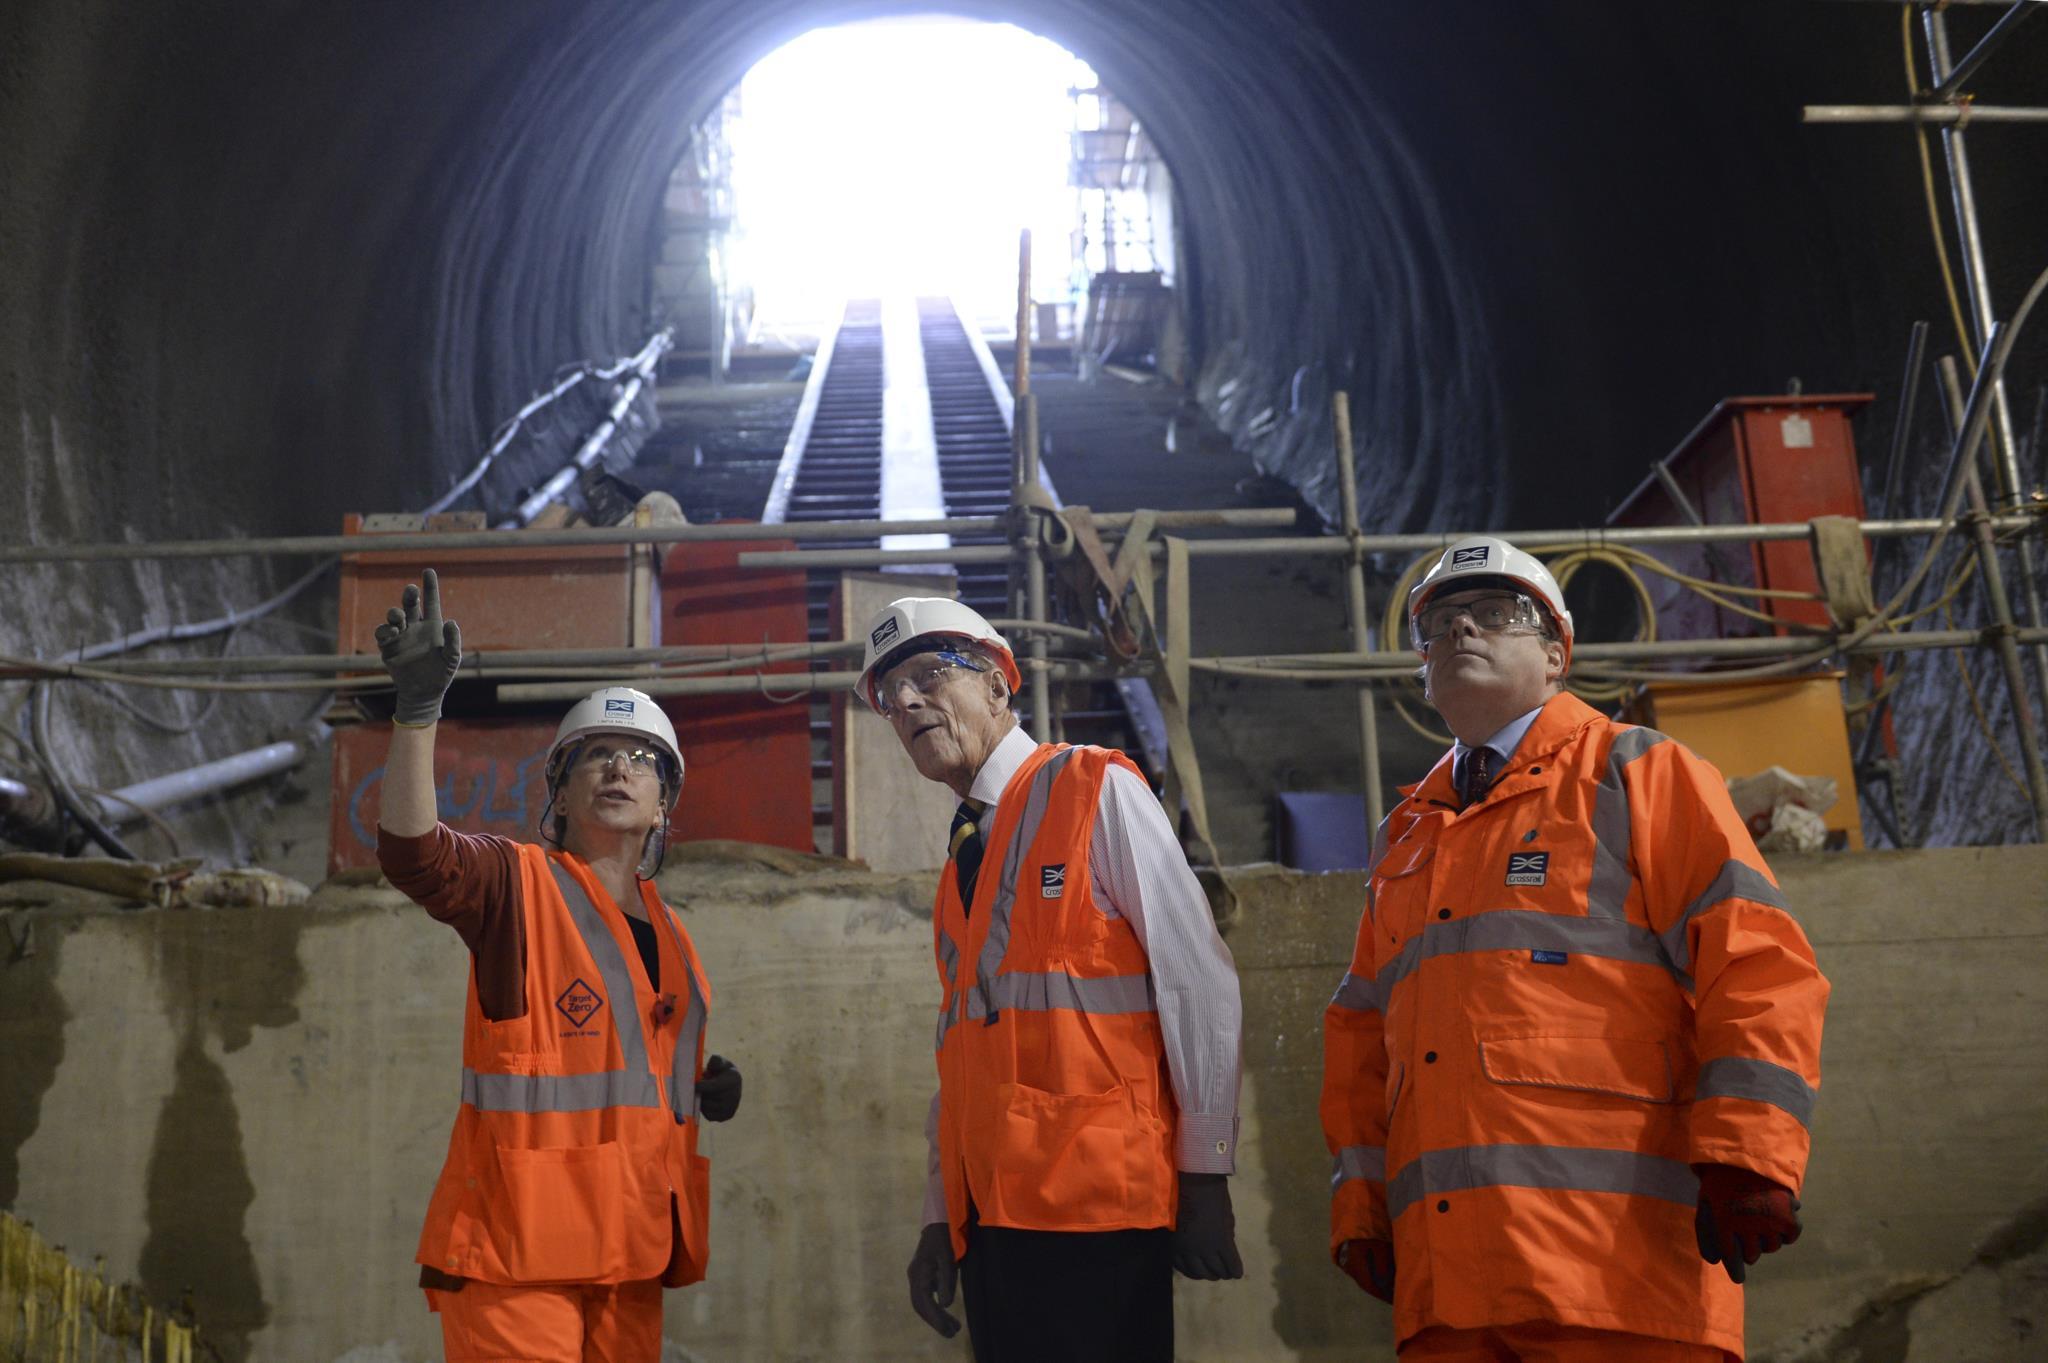 De visita a uma estação de caminhos-de-ferro em construção nos arredores de Londres, em 2015